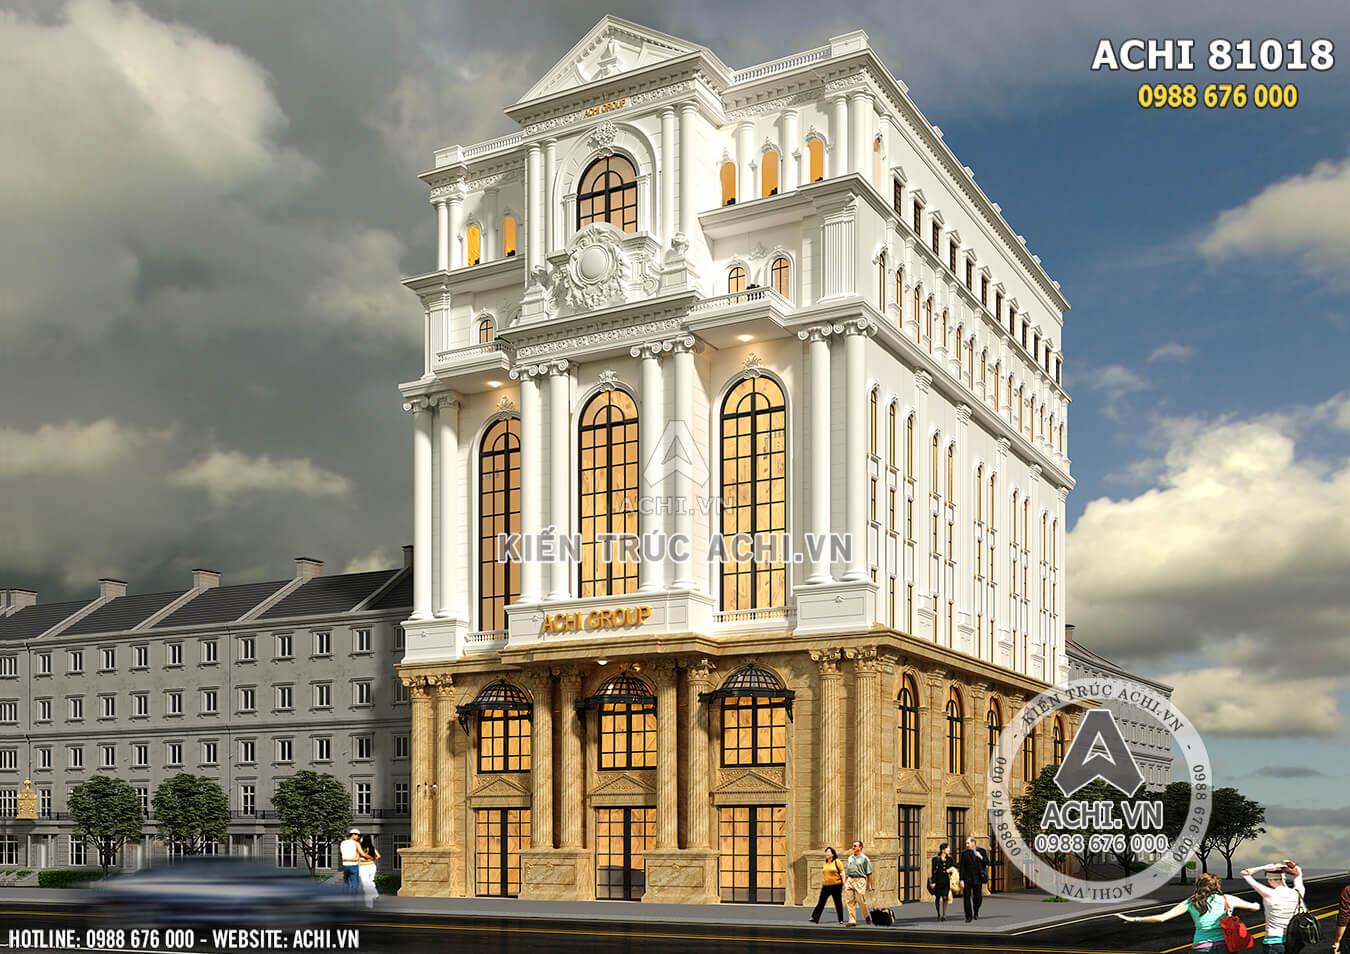 Mẫu thiết kế văn phòng khách sạn 4 sao mặt tiền 20m - ACHI 81018